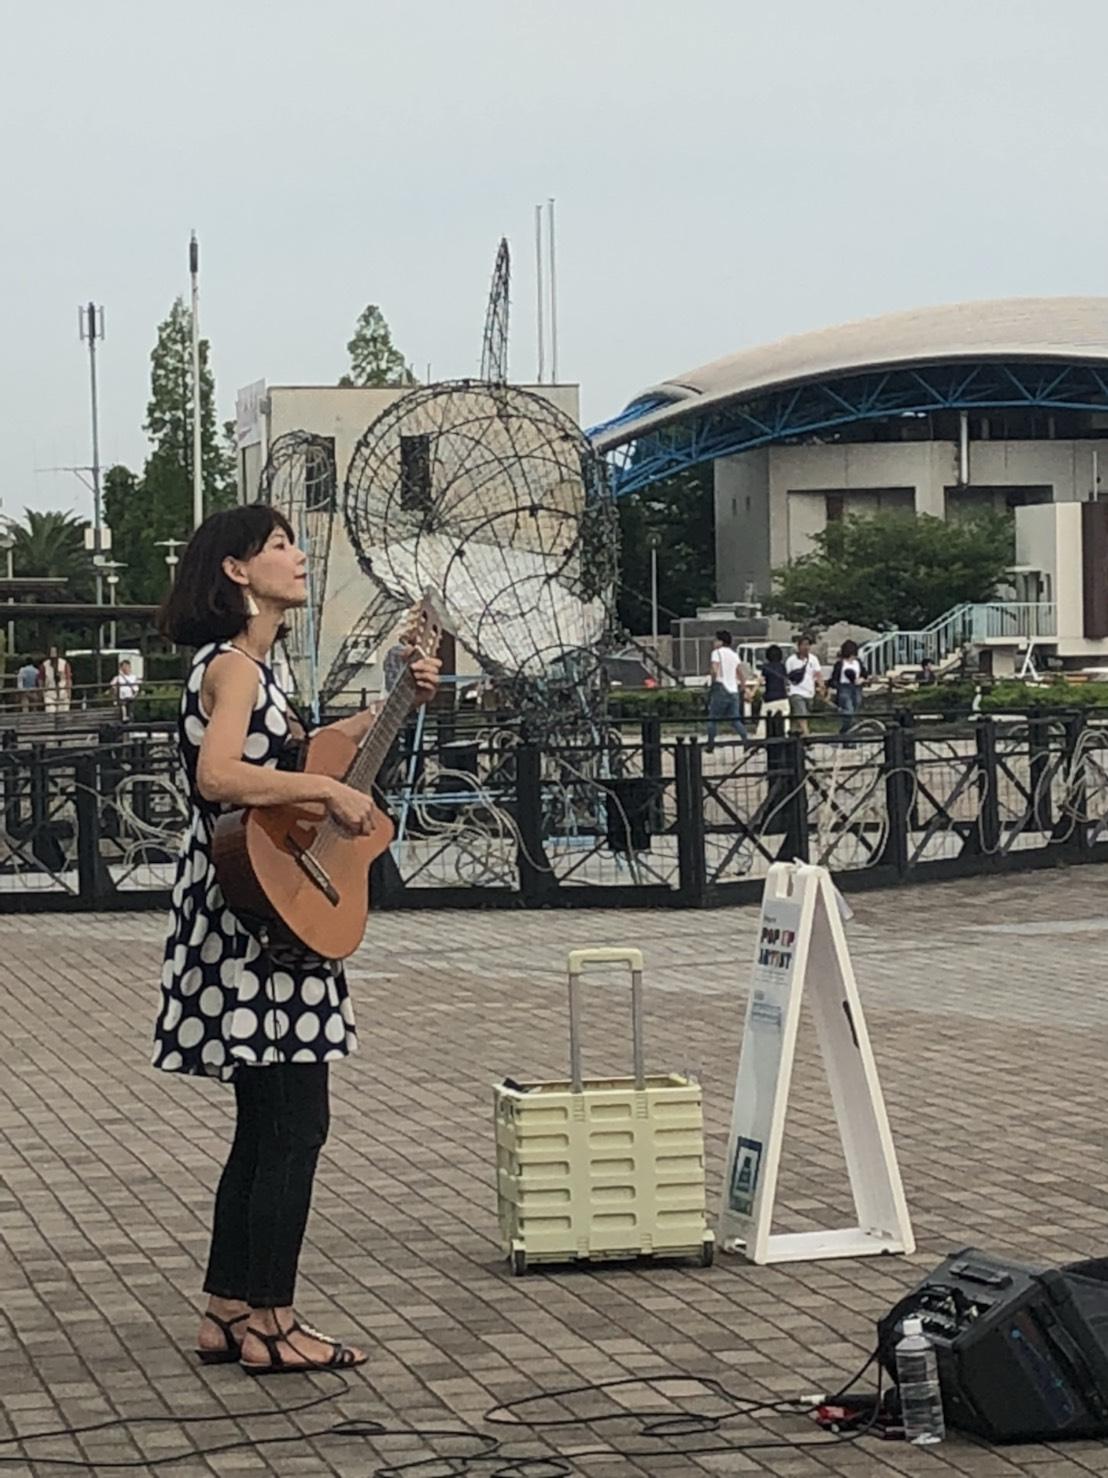 ジェティ広場での演奏、ありがとうございました!_f0373339_12365352.jpg